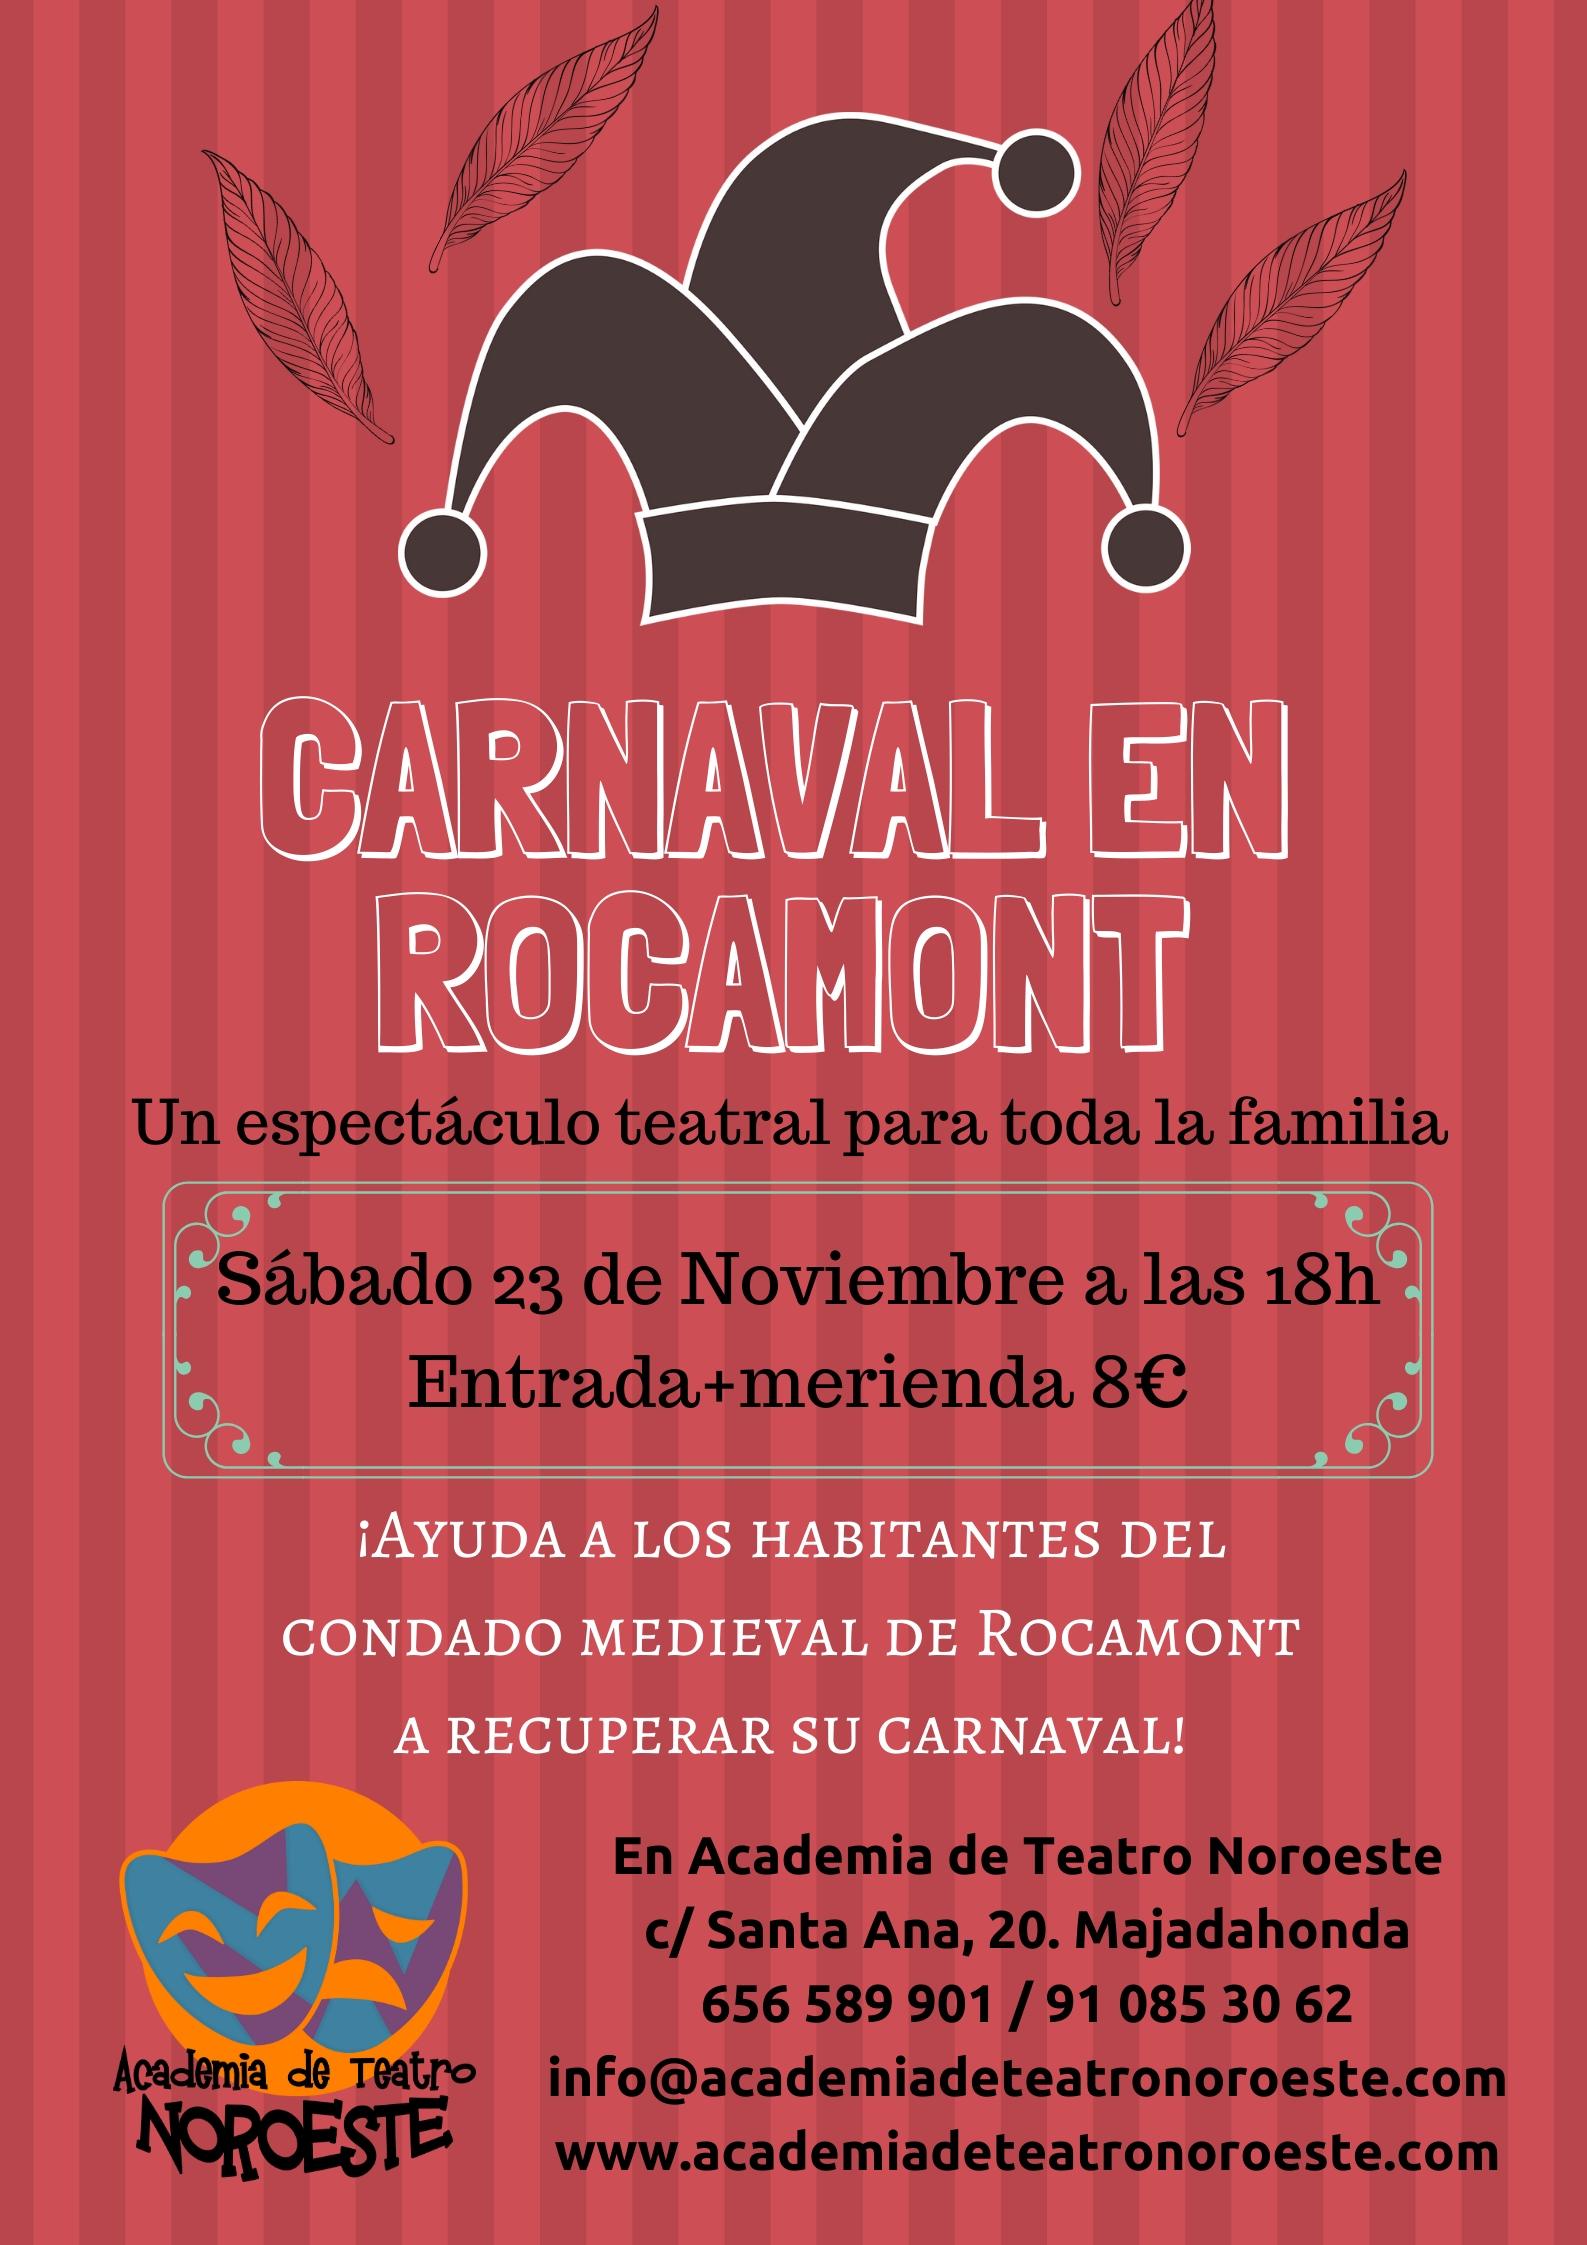 Carnaval en Rocamont